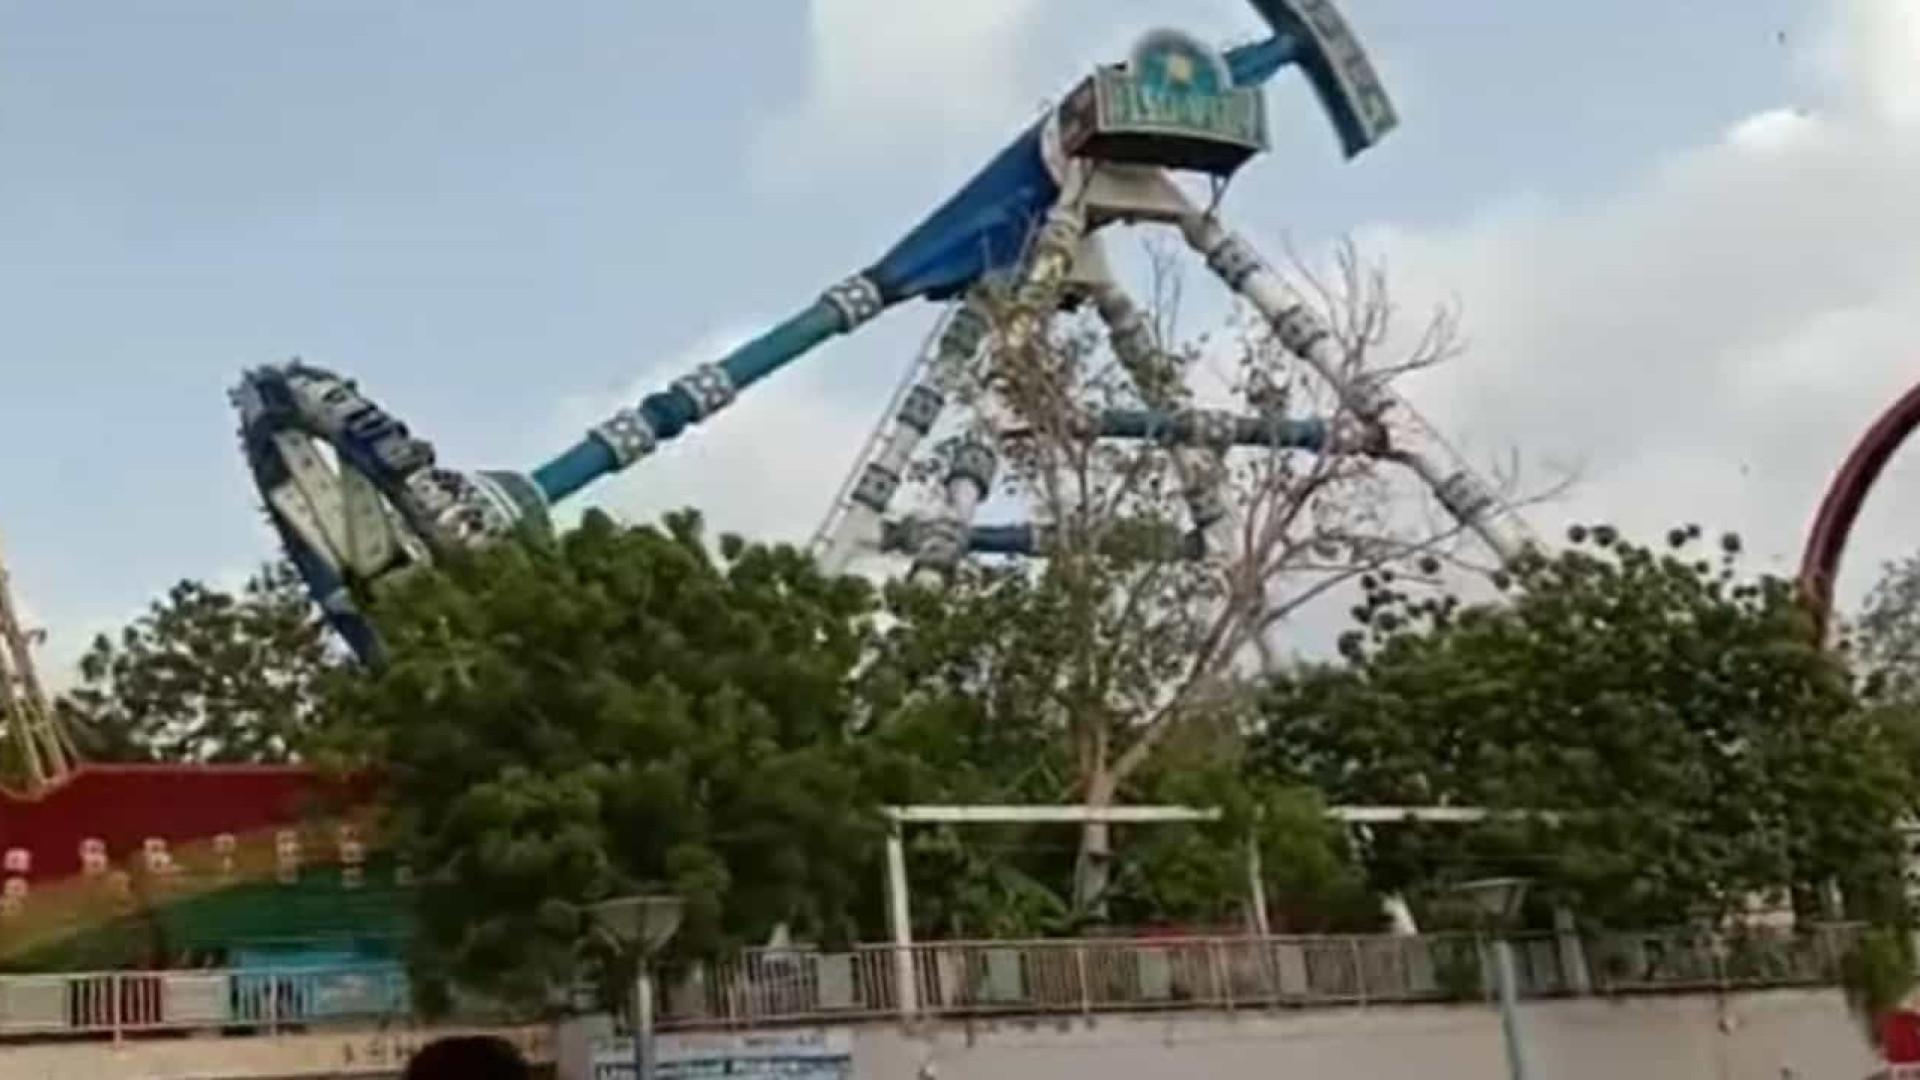 Vídeo: brinquedo quebra ao meio e mata duas pessoas na Índia